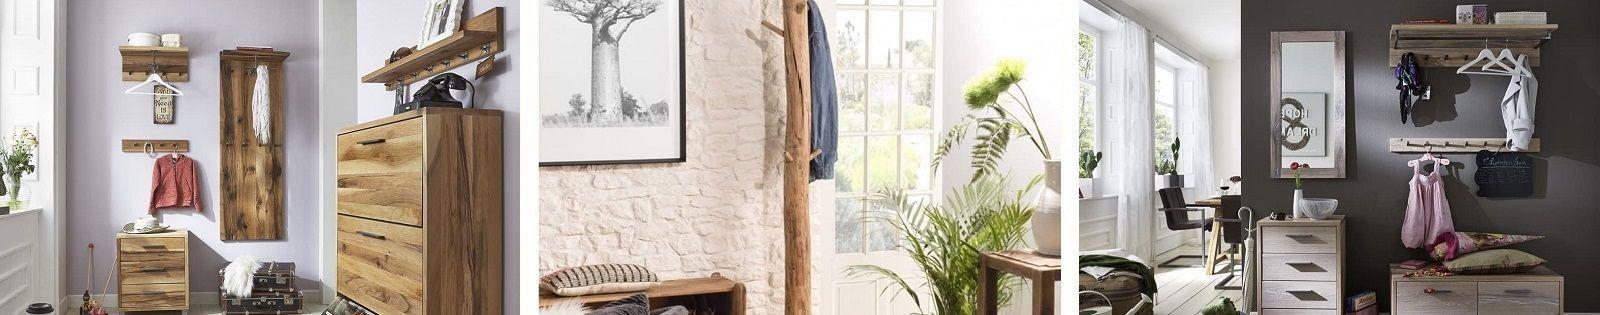 Porte-manteaux en bois massif, fer forgé et bambou. Lotuséa.